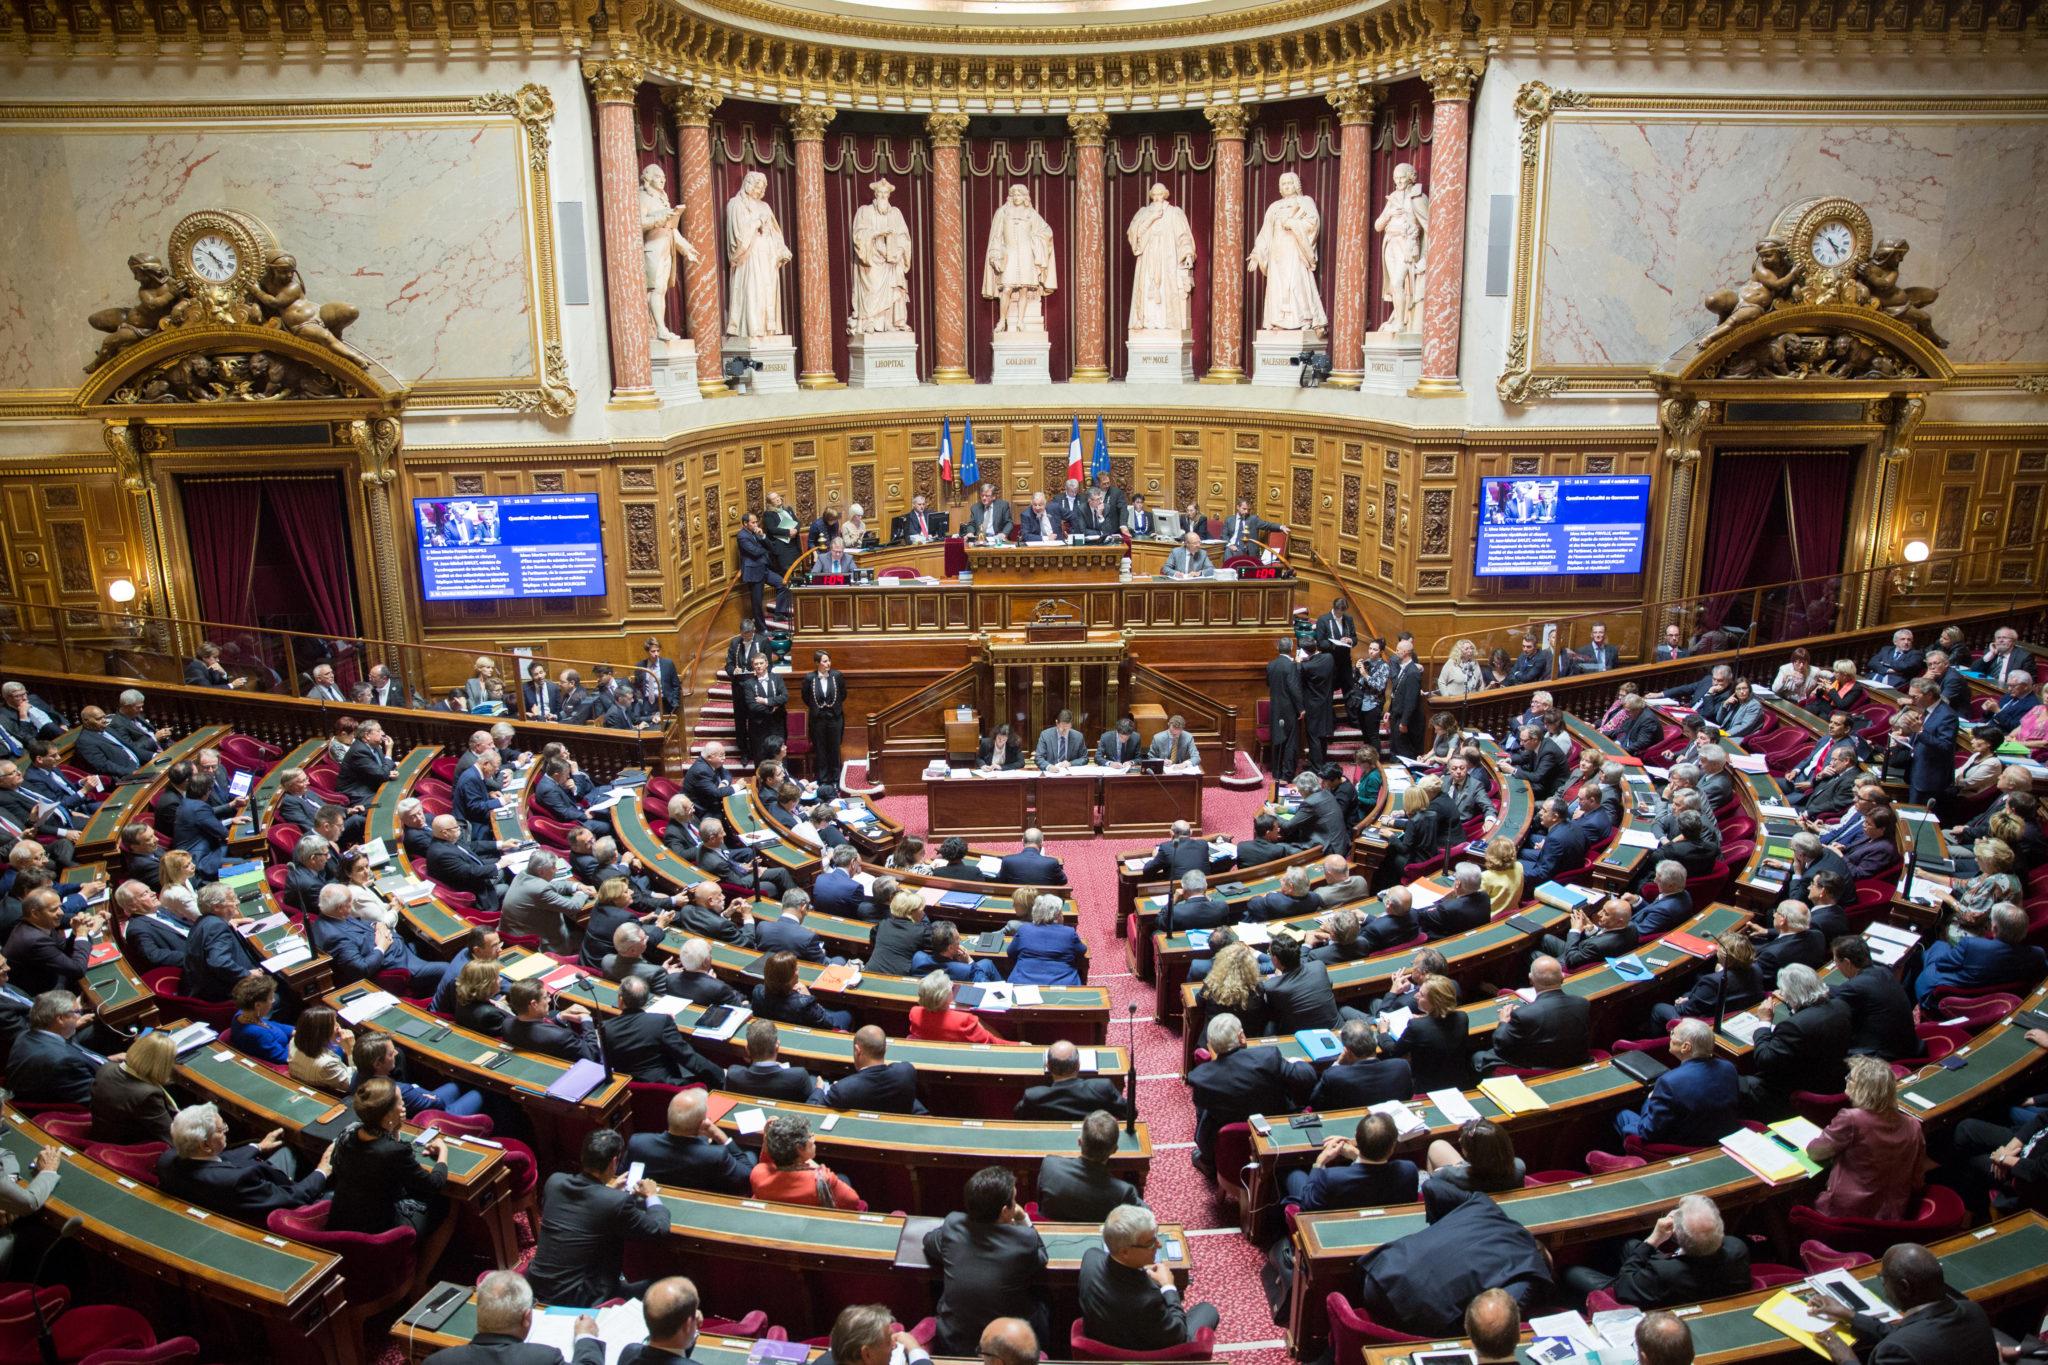 <b> L'affaire Benalla et la Constitution : le Sénat, organe de contrôle politique de l'exécutif </b> </br> </br> Par Denis Baranger